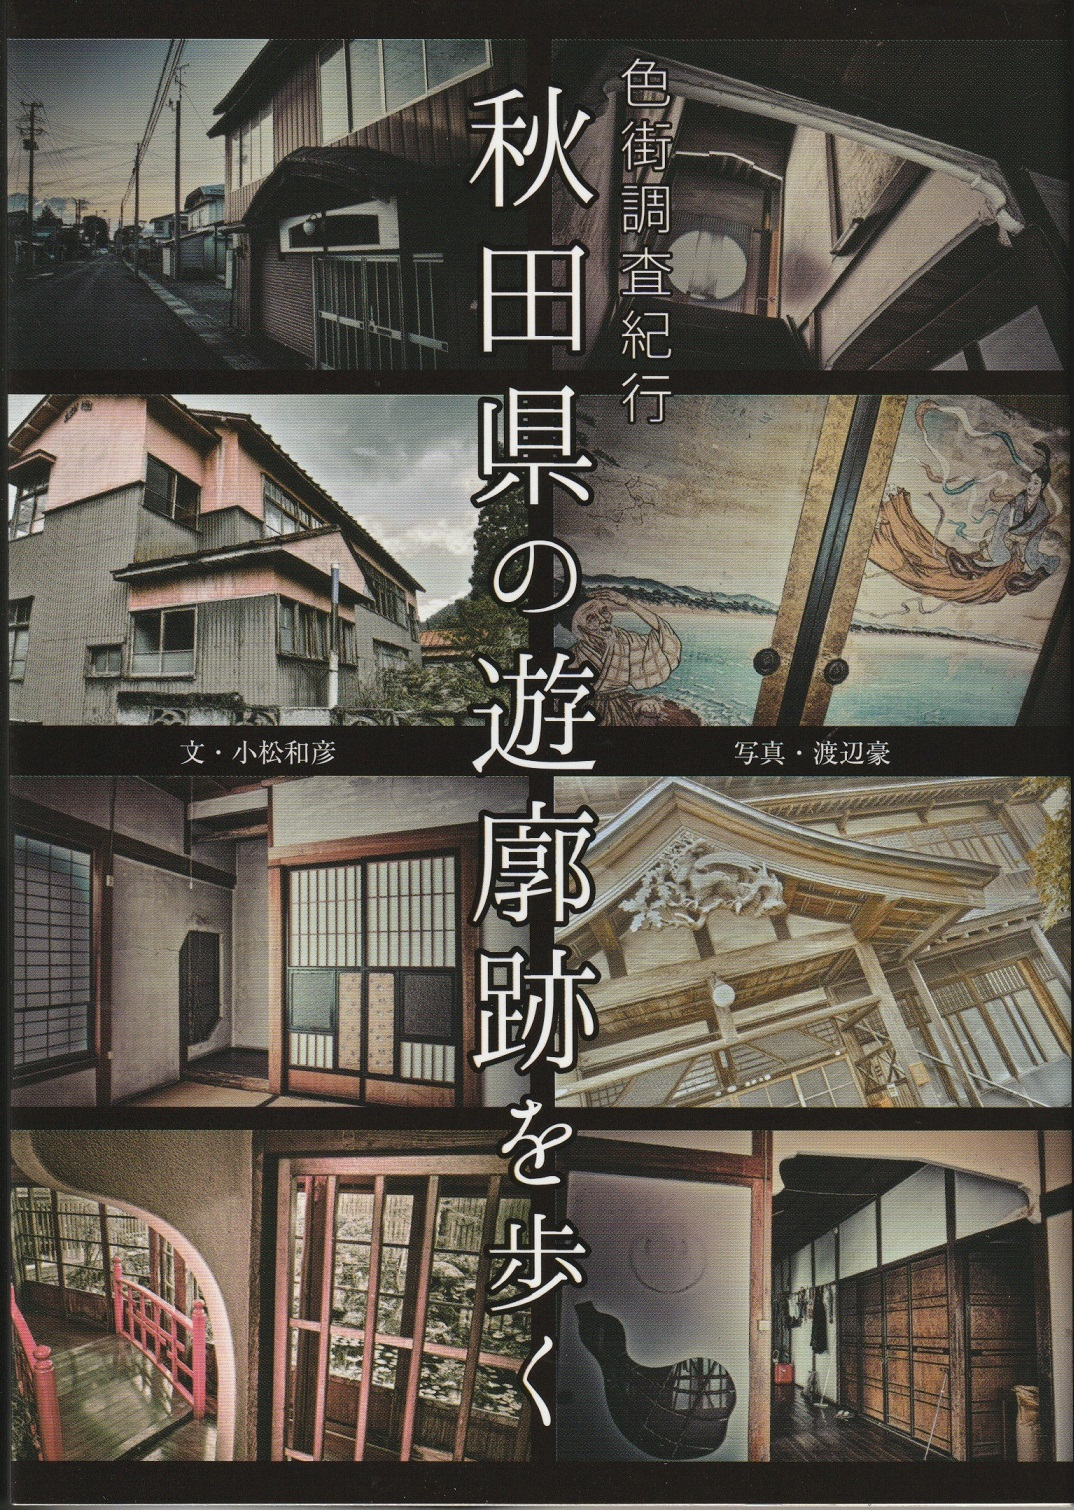 色街調査紀行 秋田県の遊郭跡を歩く(カストリ出版)画像